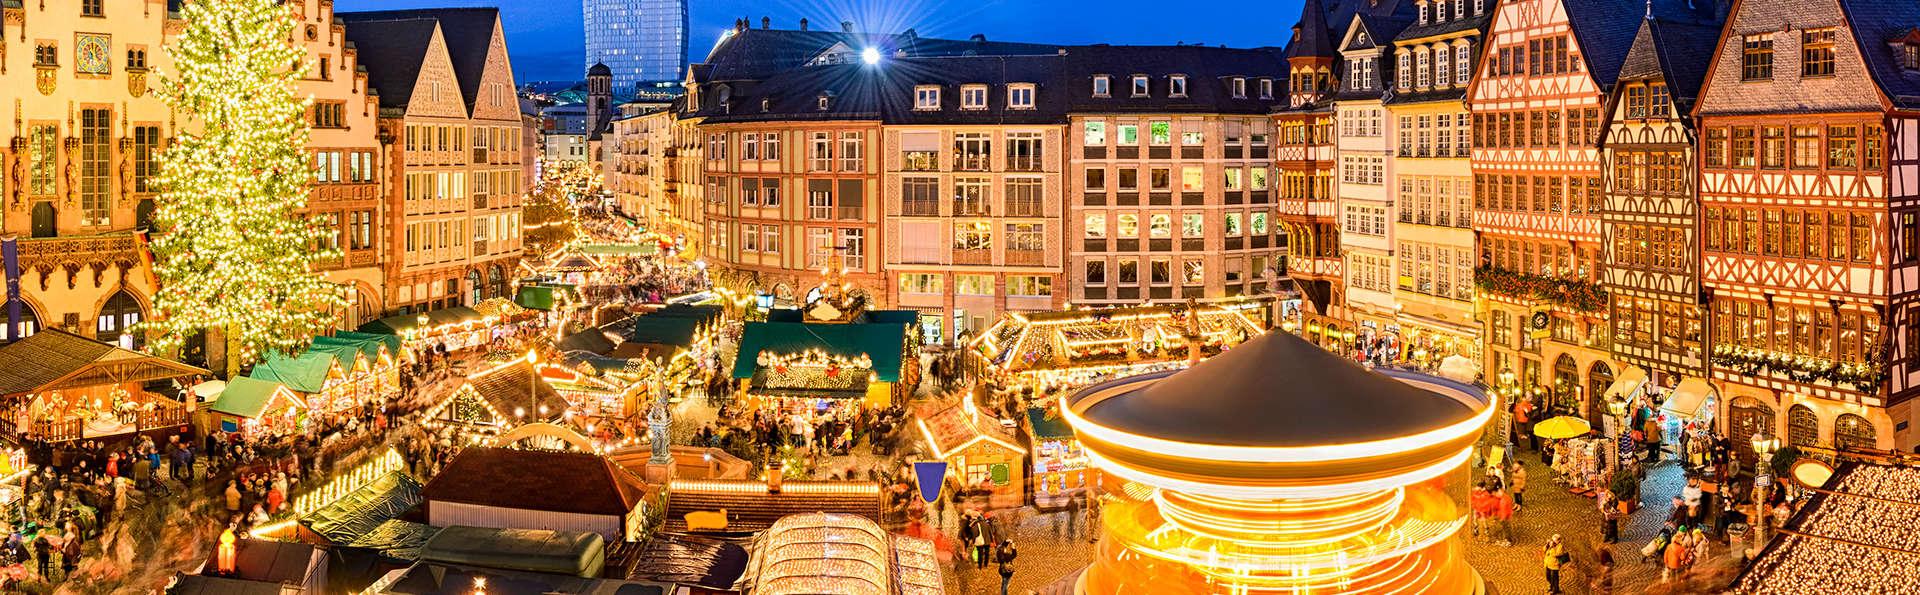 leukste kerstmarkten weekend frankfurt met 1 diner 3 gangen voor 2 volwassenen vanaf 198. Black Bedroom Furniture Sets. Home Design Ideas